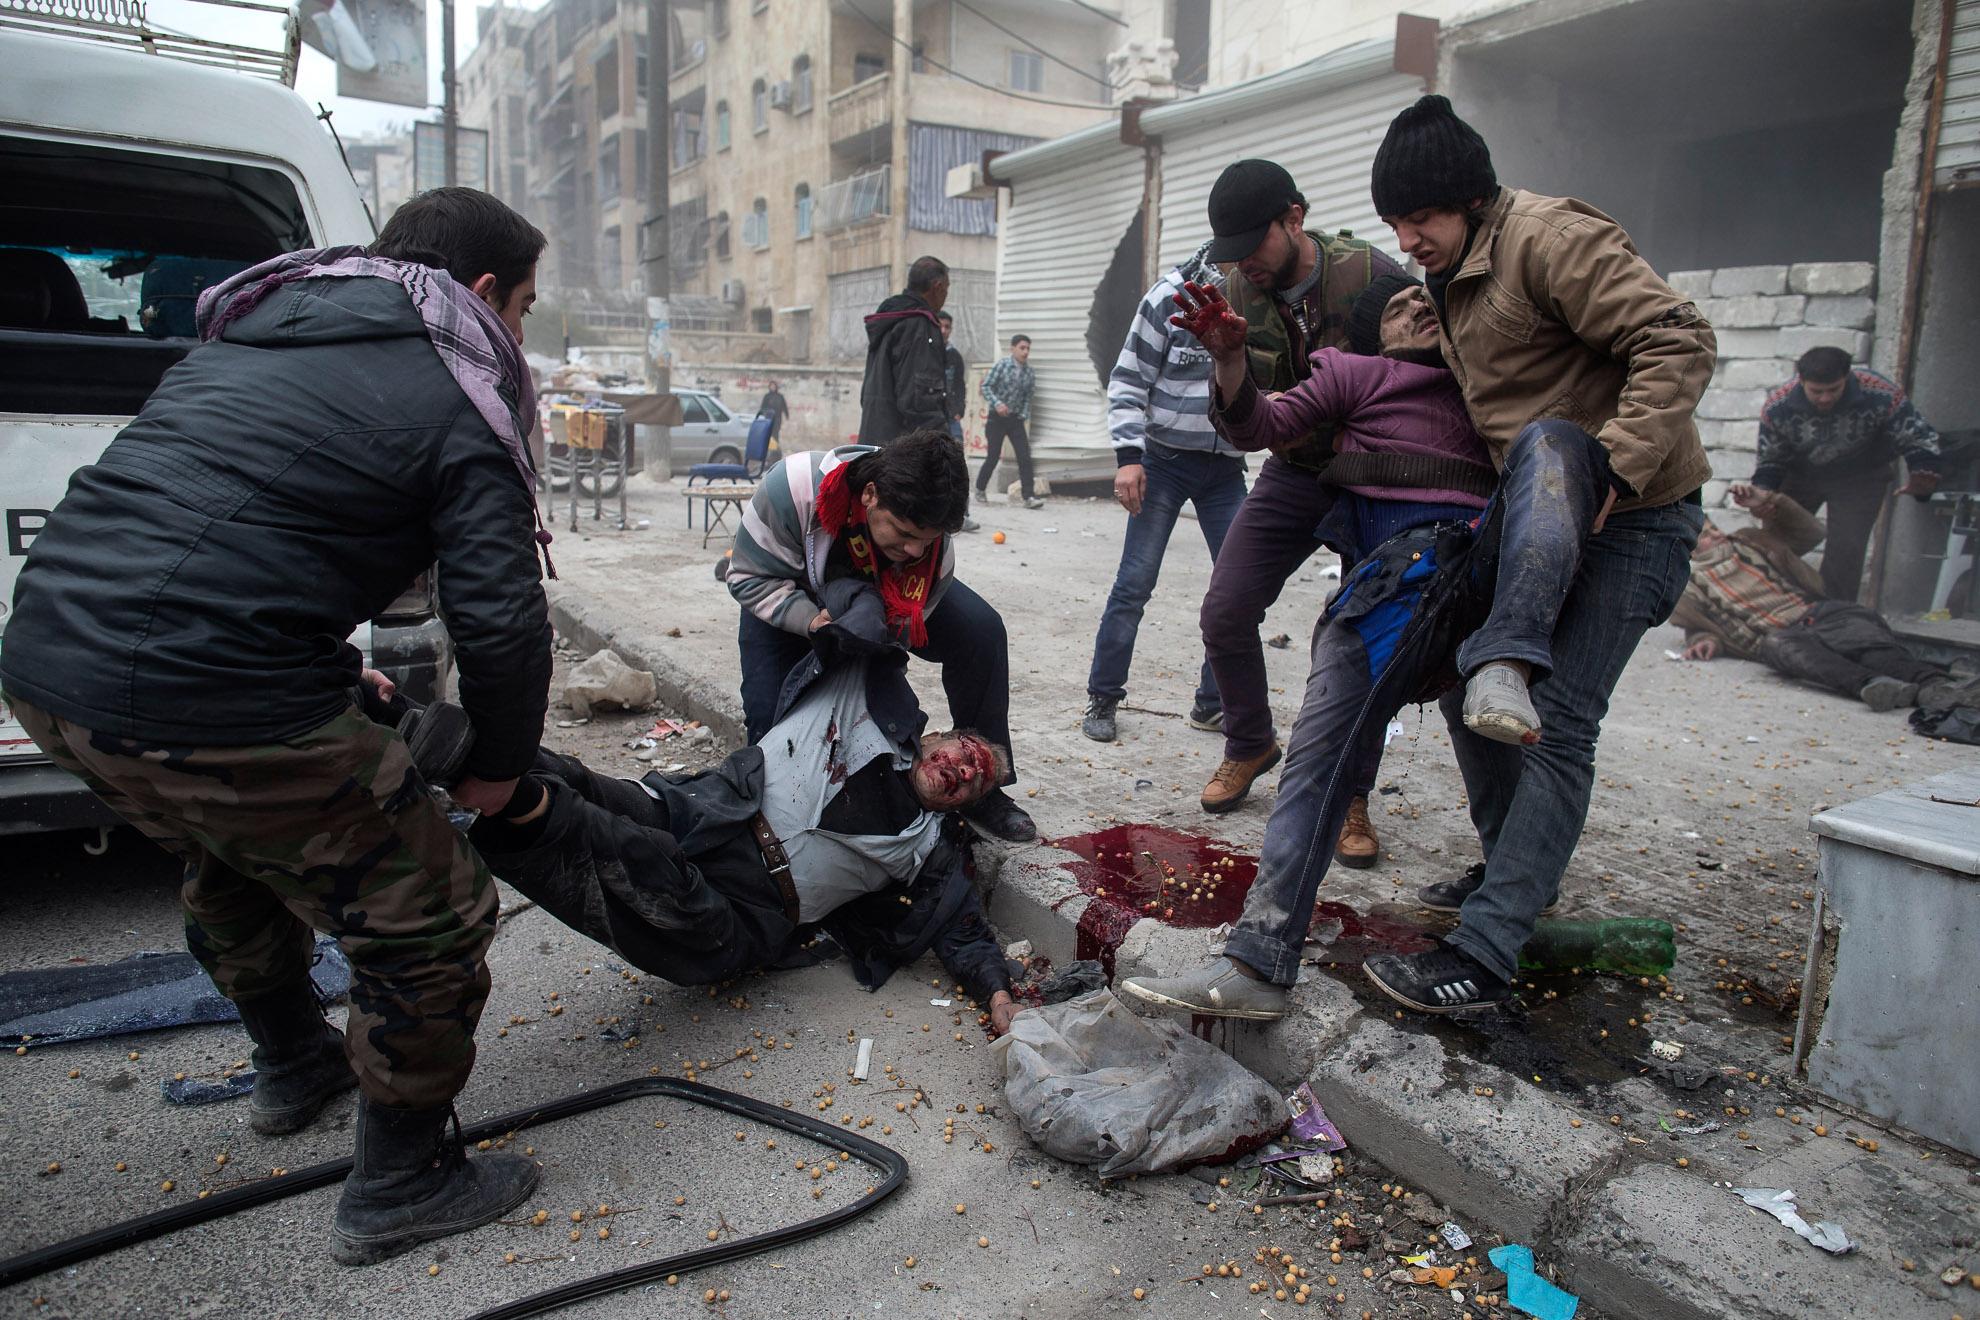 Alepo, Siria. 13-01-2013. Un hombre ayuda a transportar el cadáver de un civil muerto tras un ataque con morteros en el barrio de Saif al-Dawlah de Alepo. Seis personas murieron y dieciséis resultaron heridas.